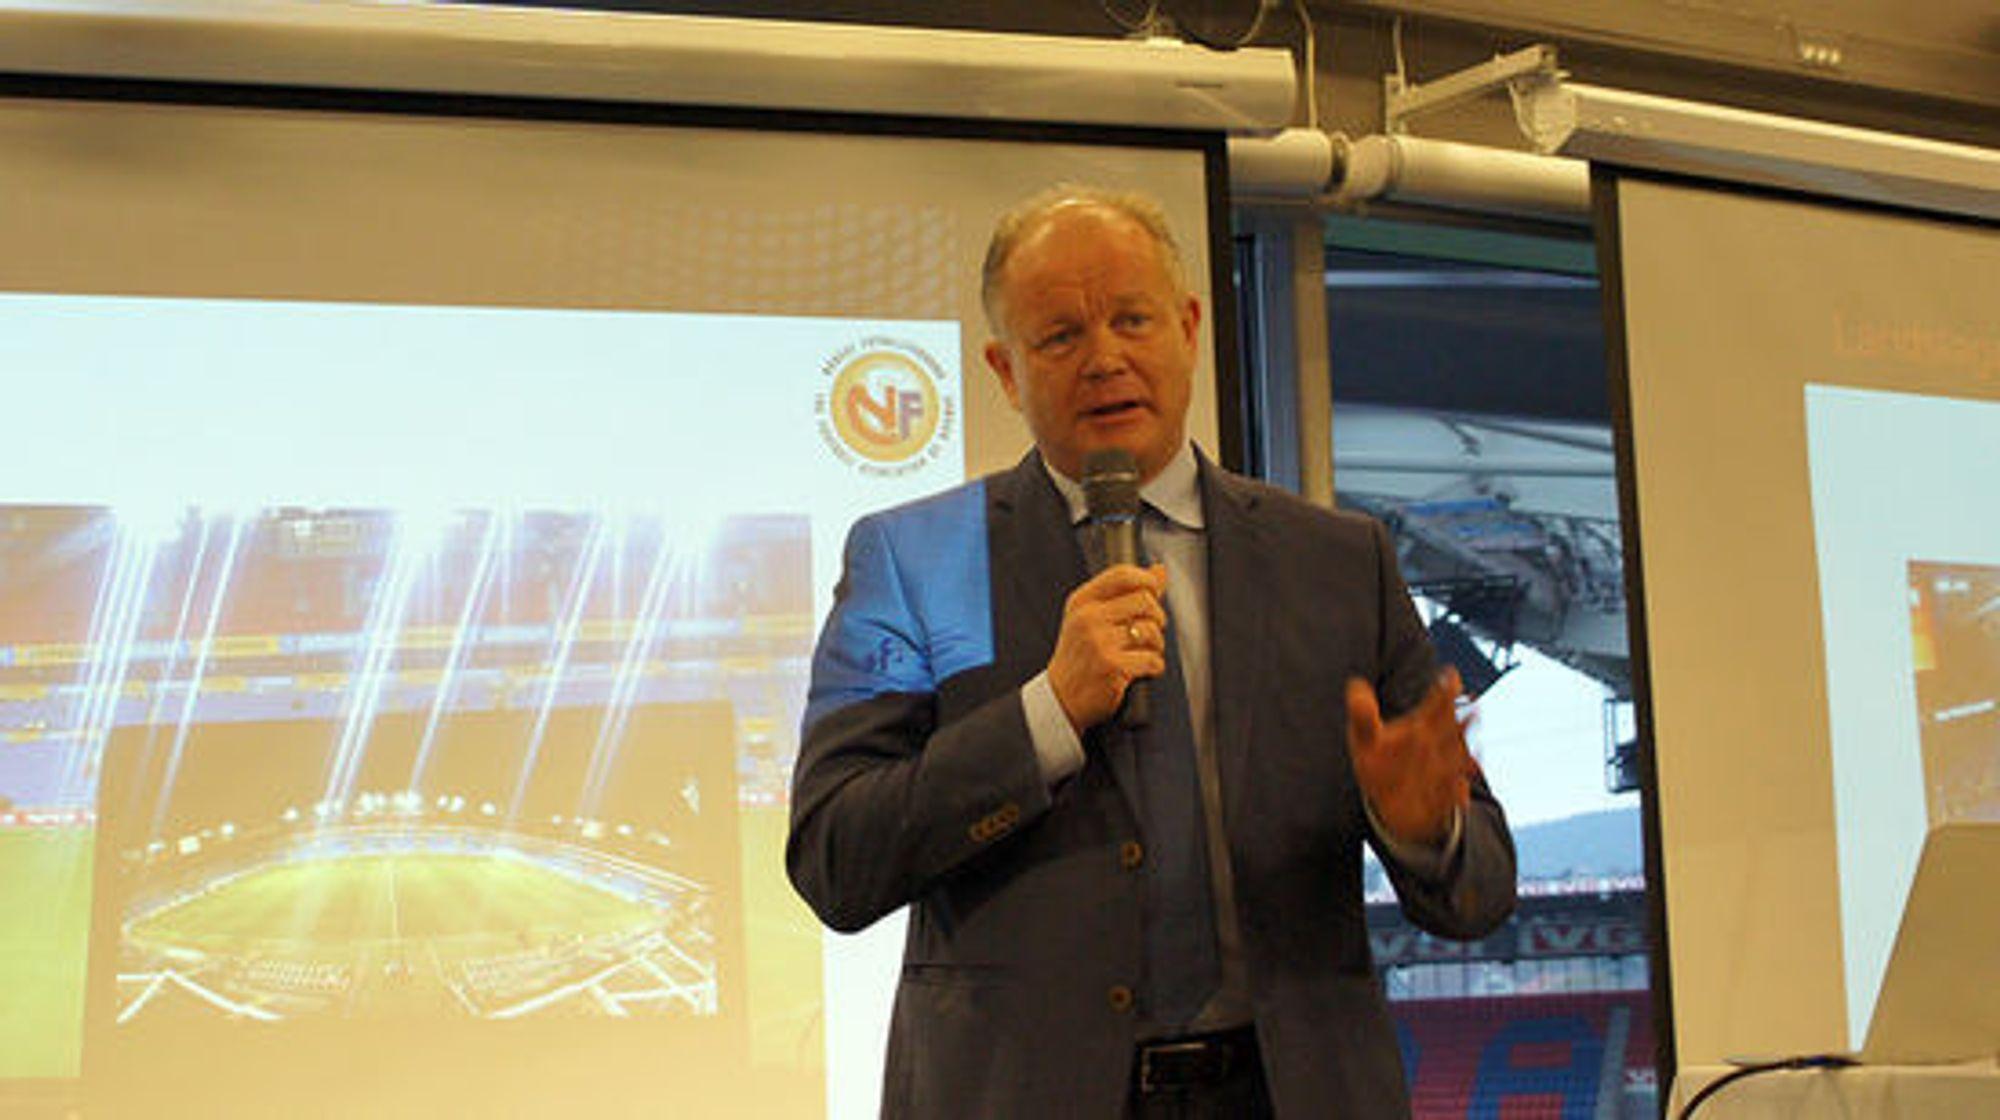 Landslagssjefen Per-Mathias Høgmo vil ta systemet i bruk ved neste landskamp.